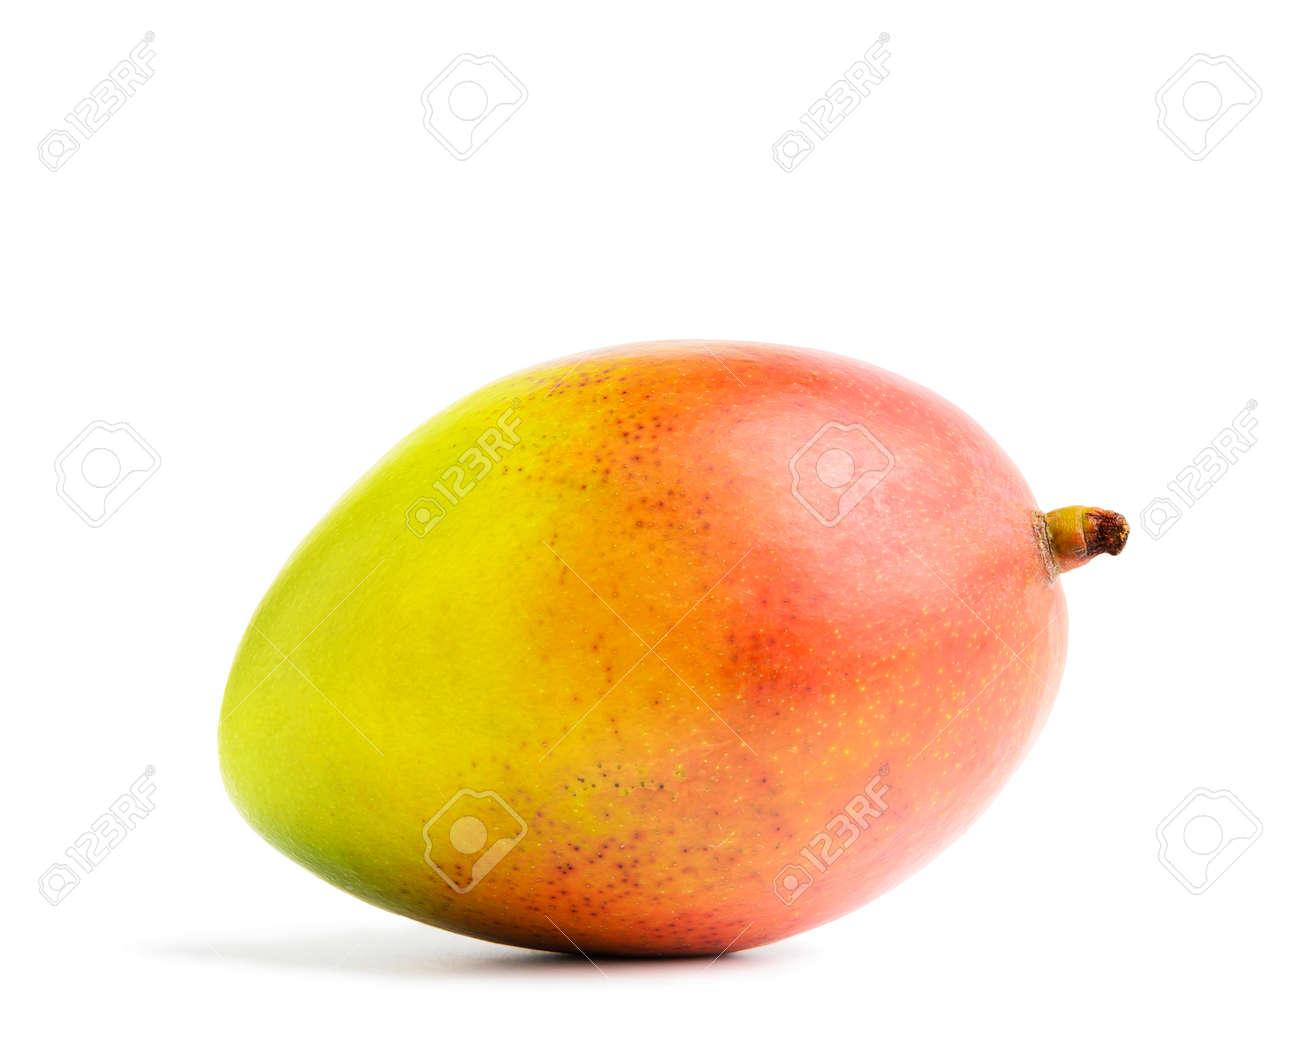 Mango fruit isolated on a white background. - 170500518